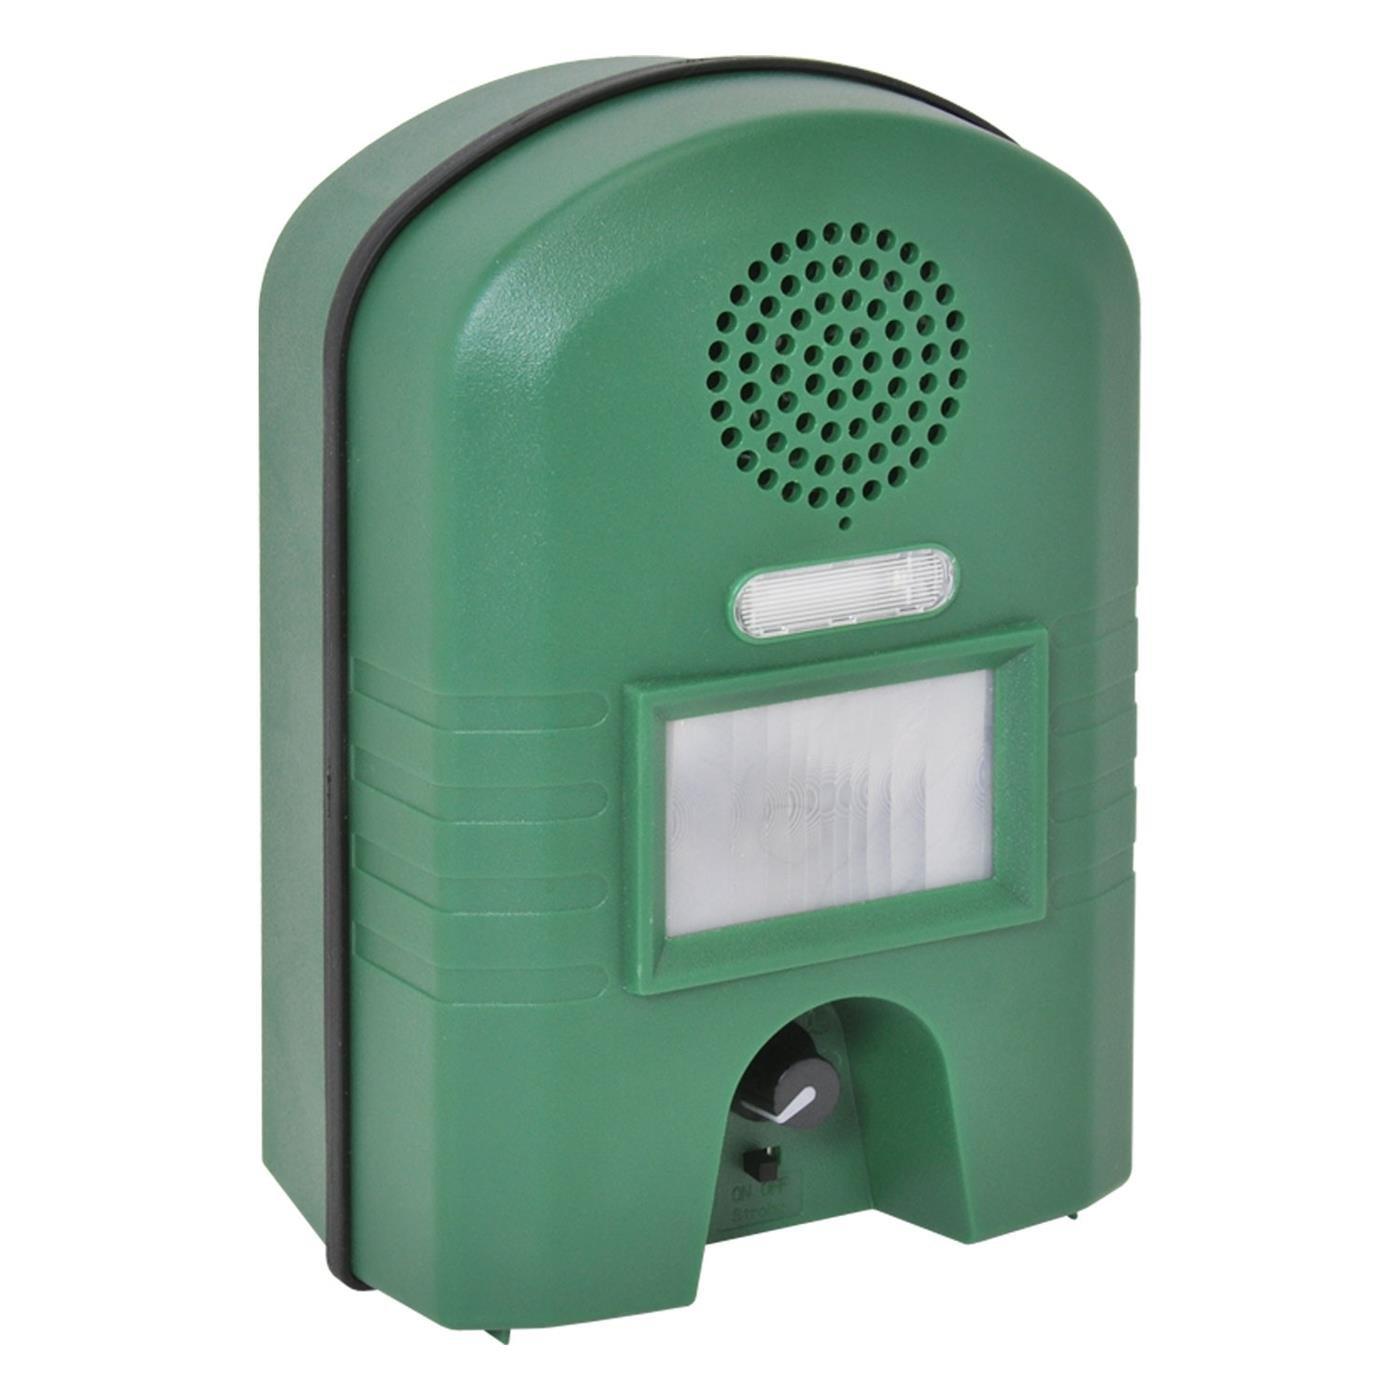 VOSS.sonic 2800 Repelente Ahuyentador de animales con cable adaptador, ahuyenta gatos, perros y animales salvajes con Ultrasonido y Flash Luminoso: ...